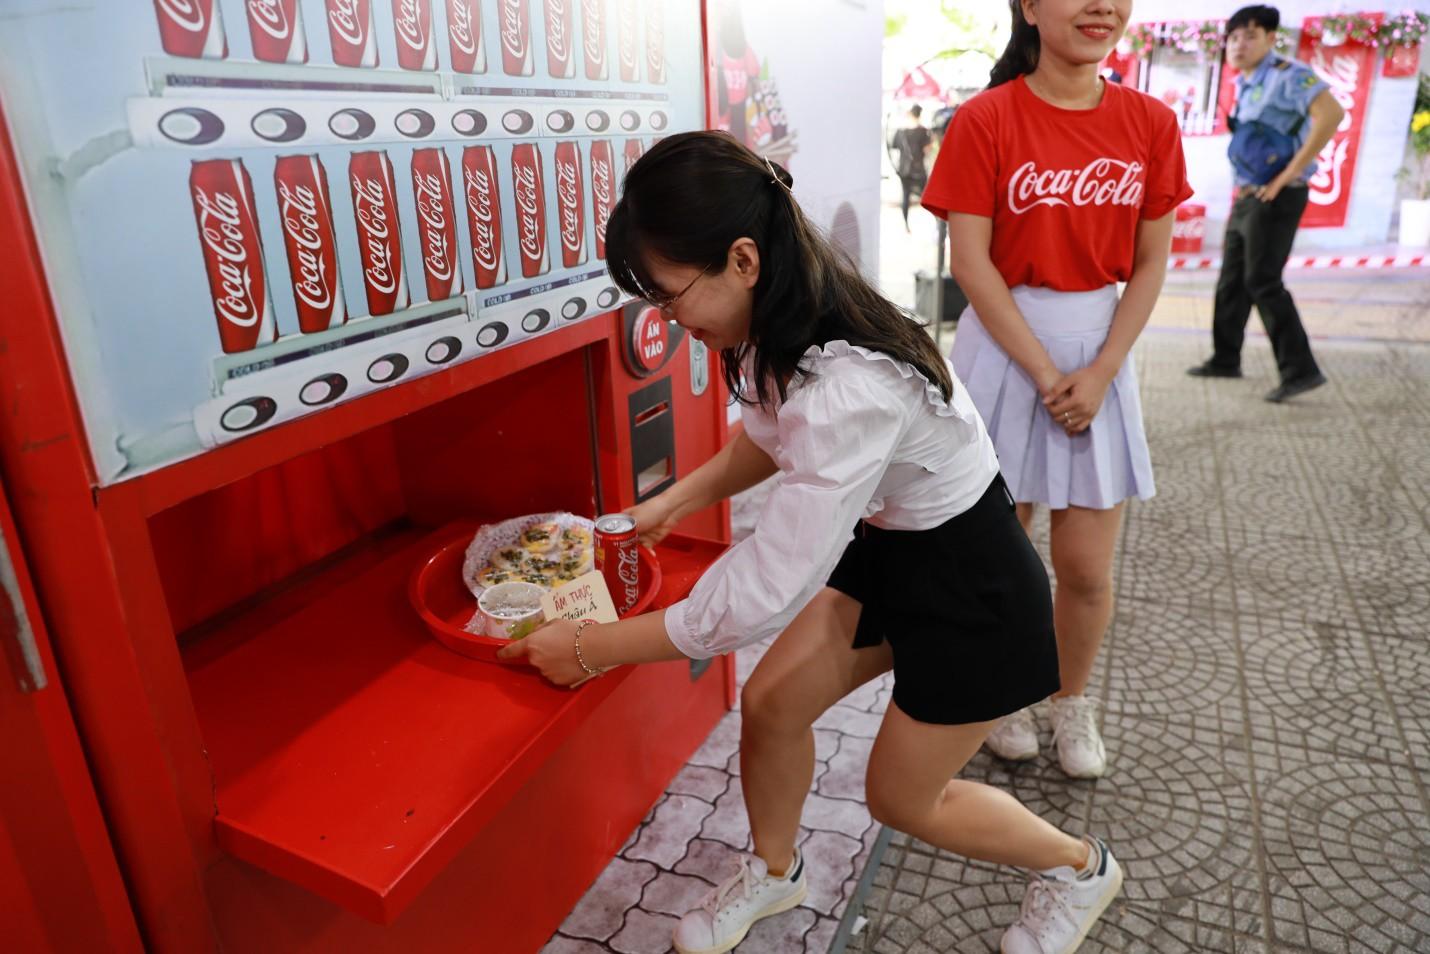 Hàng trăm tín đồ ẩm thực Việt thỏa mãn hết nấc vì được đắm mình trong thiên đường của ngon vật lạ! - Ảnh 7.